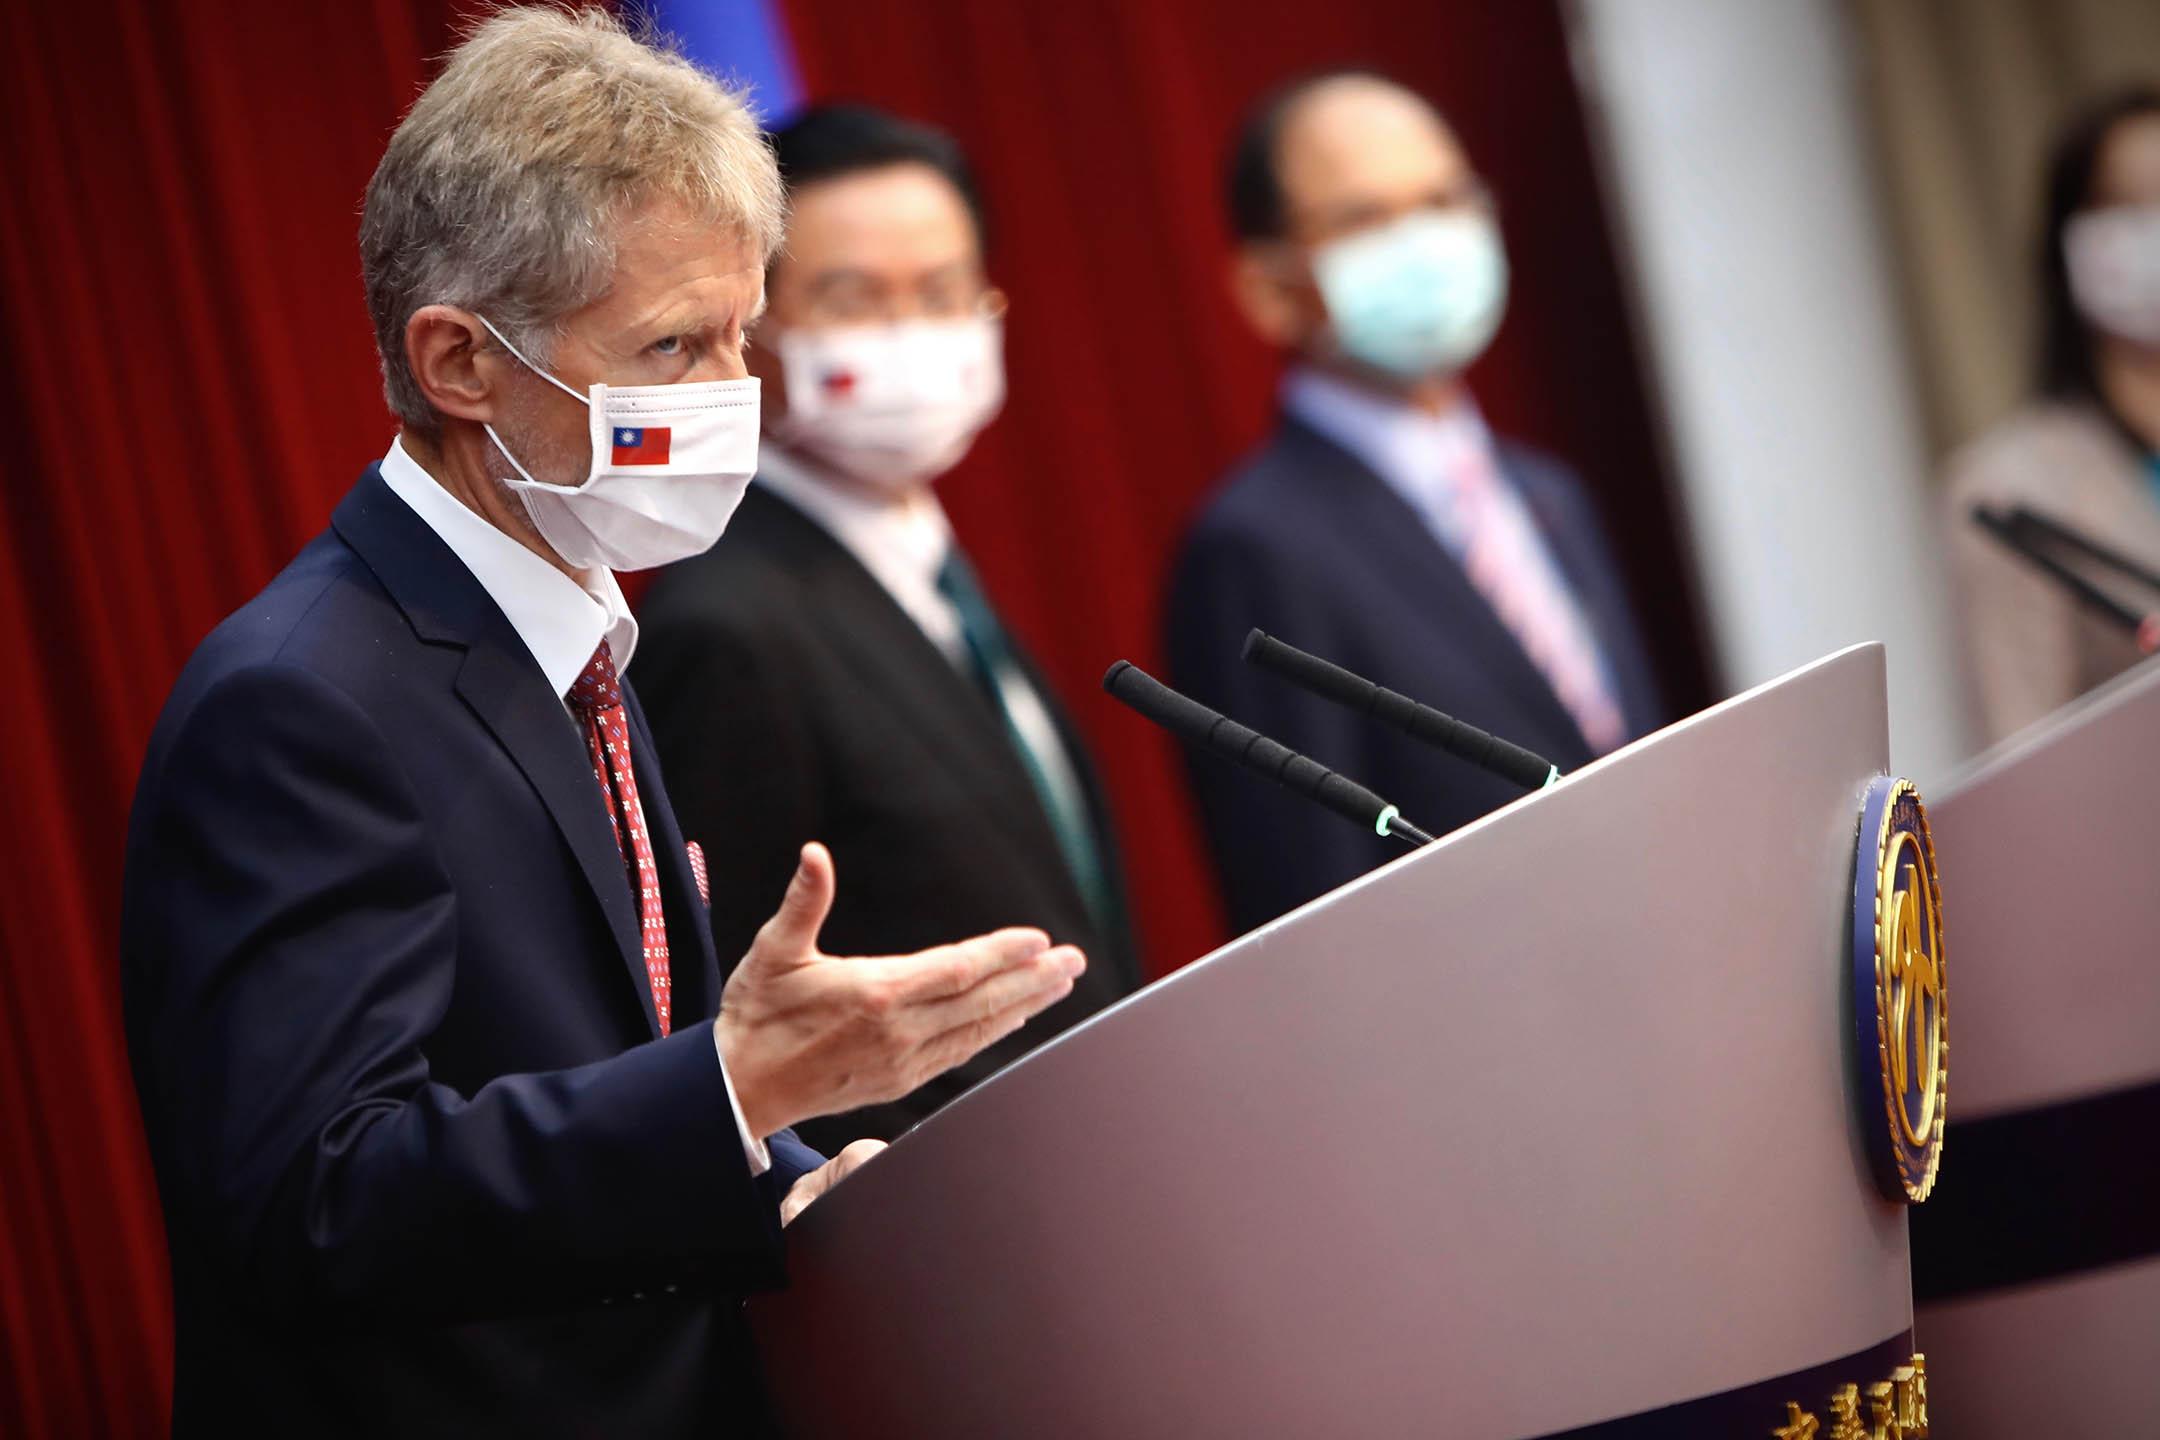 2020年9月3日台灣台北市,捷克參議院議長米洛什·維斯特奇爾 (Milos Vystrcil) 出席台灣外交部舉行的新聞發布會。